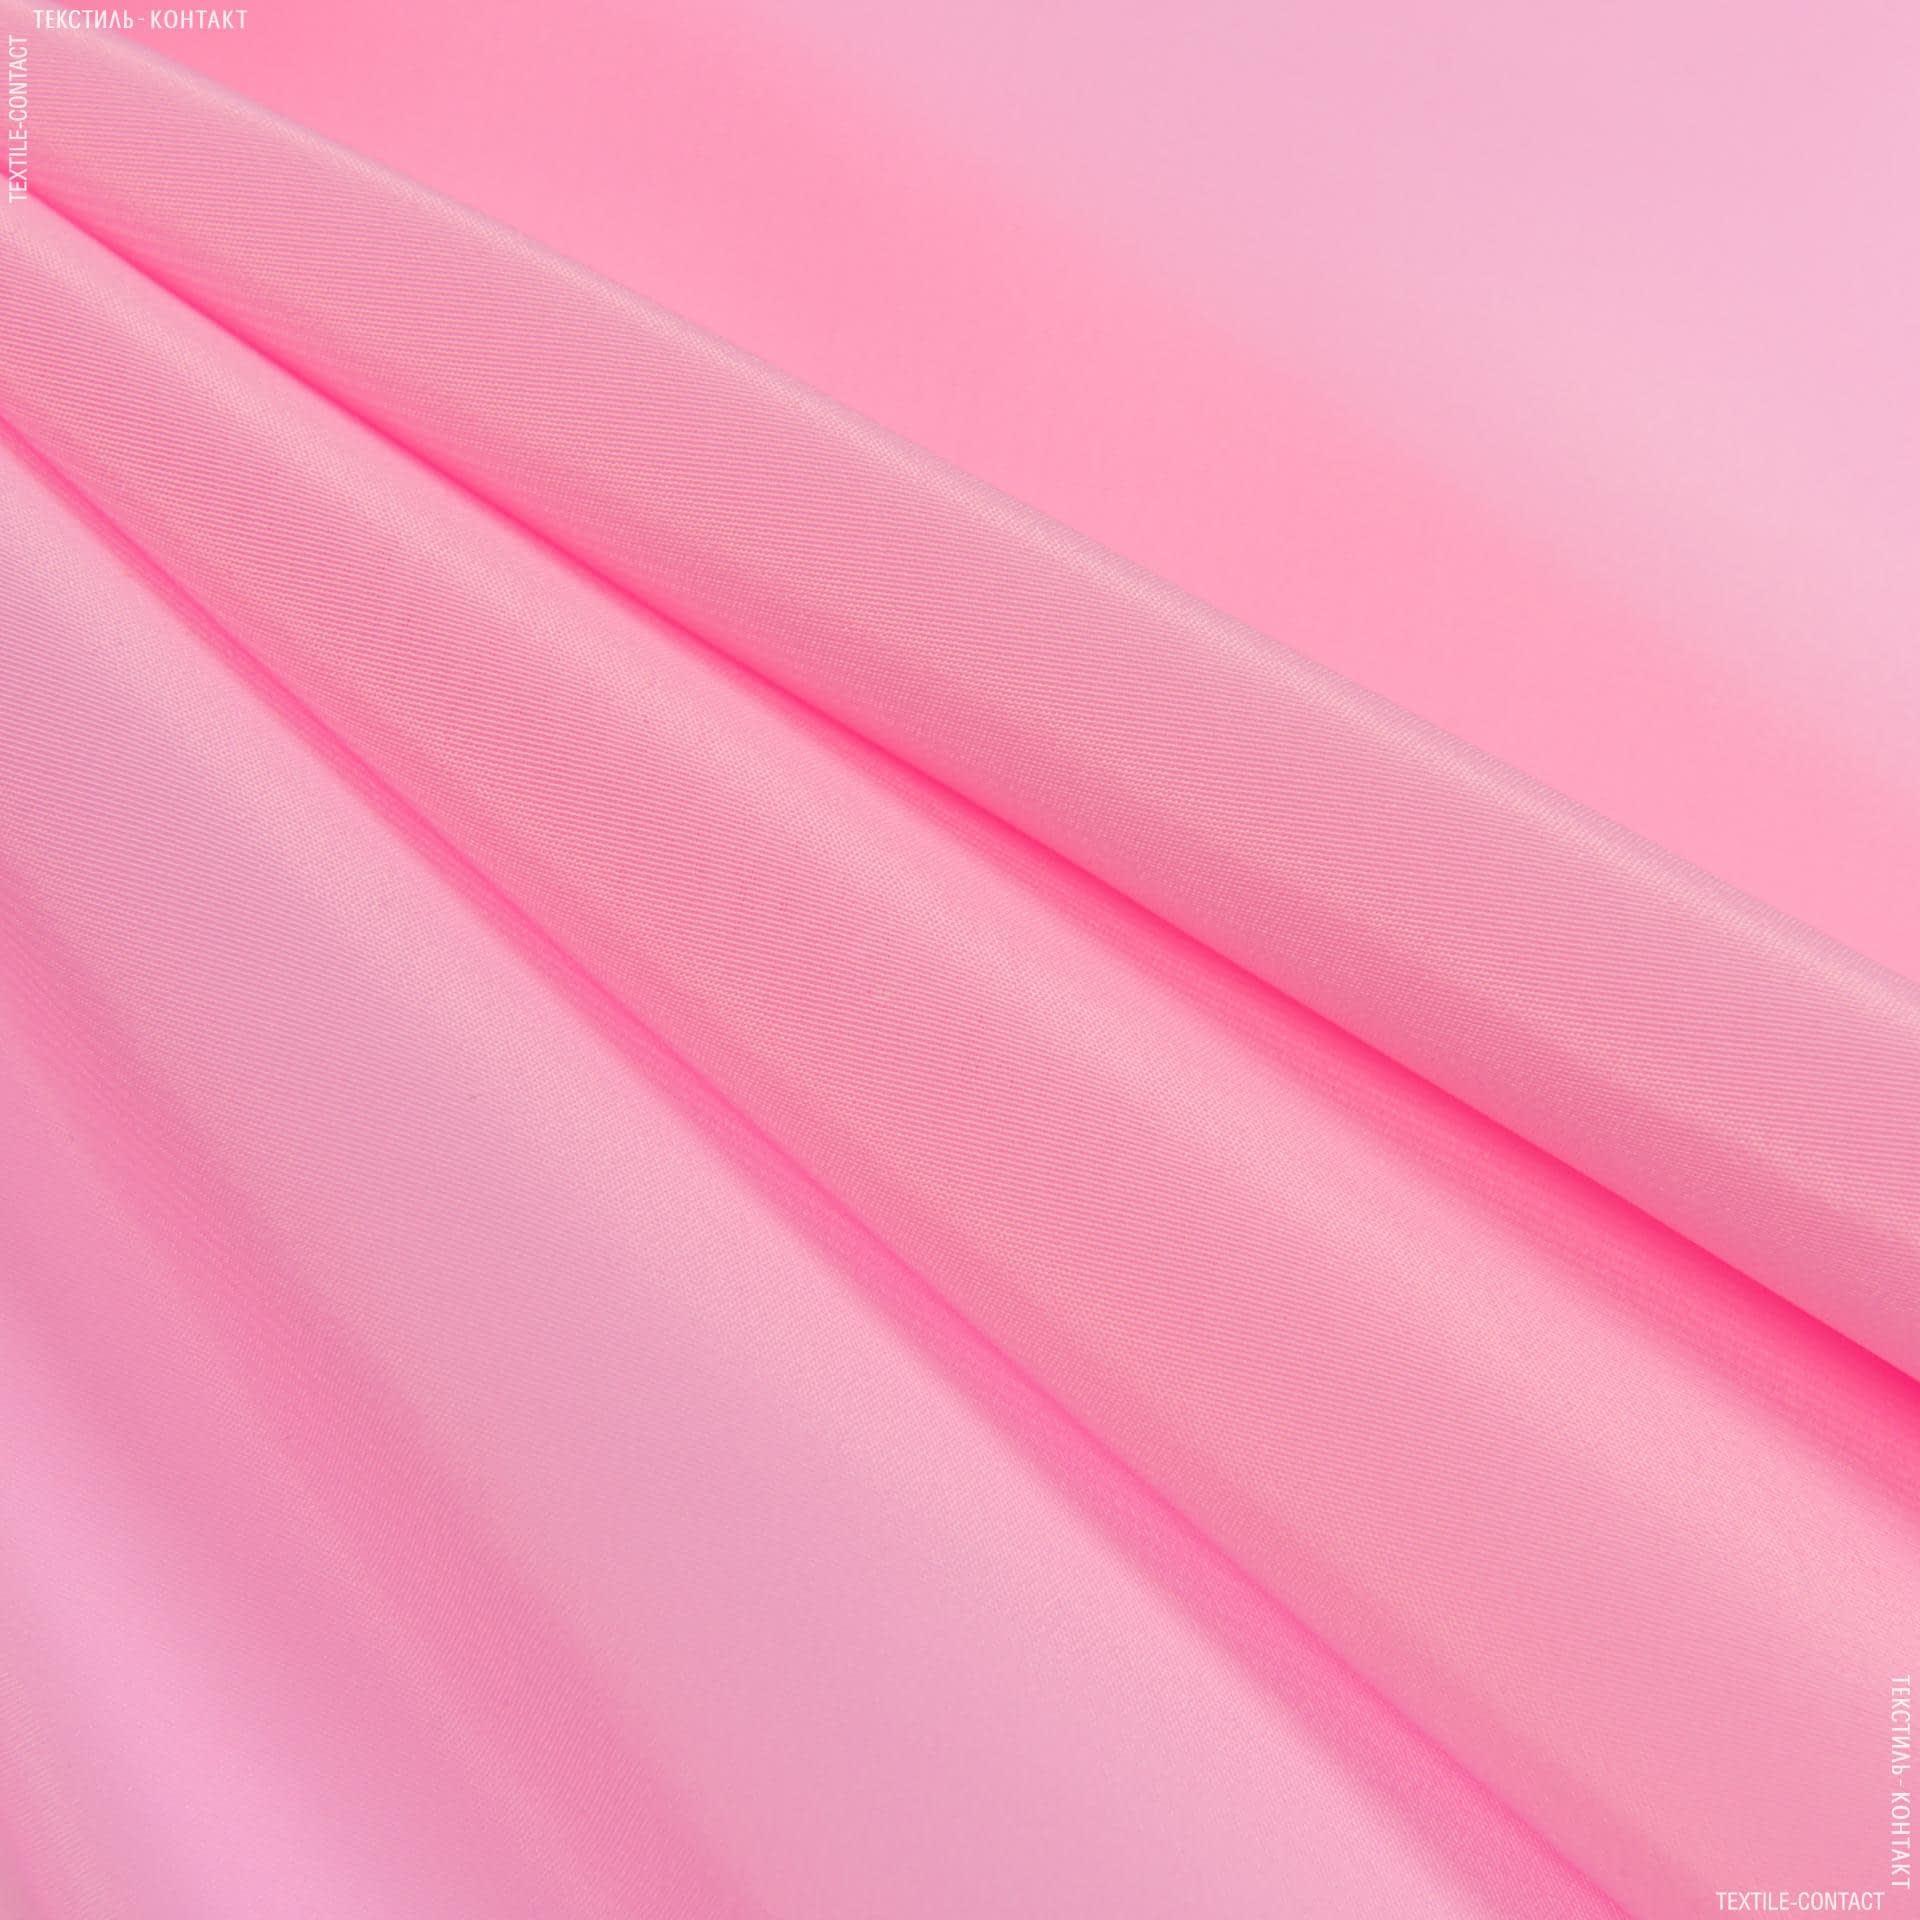 Ткани для платков и бандан - Креп кошибо розовый